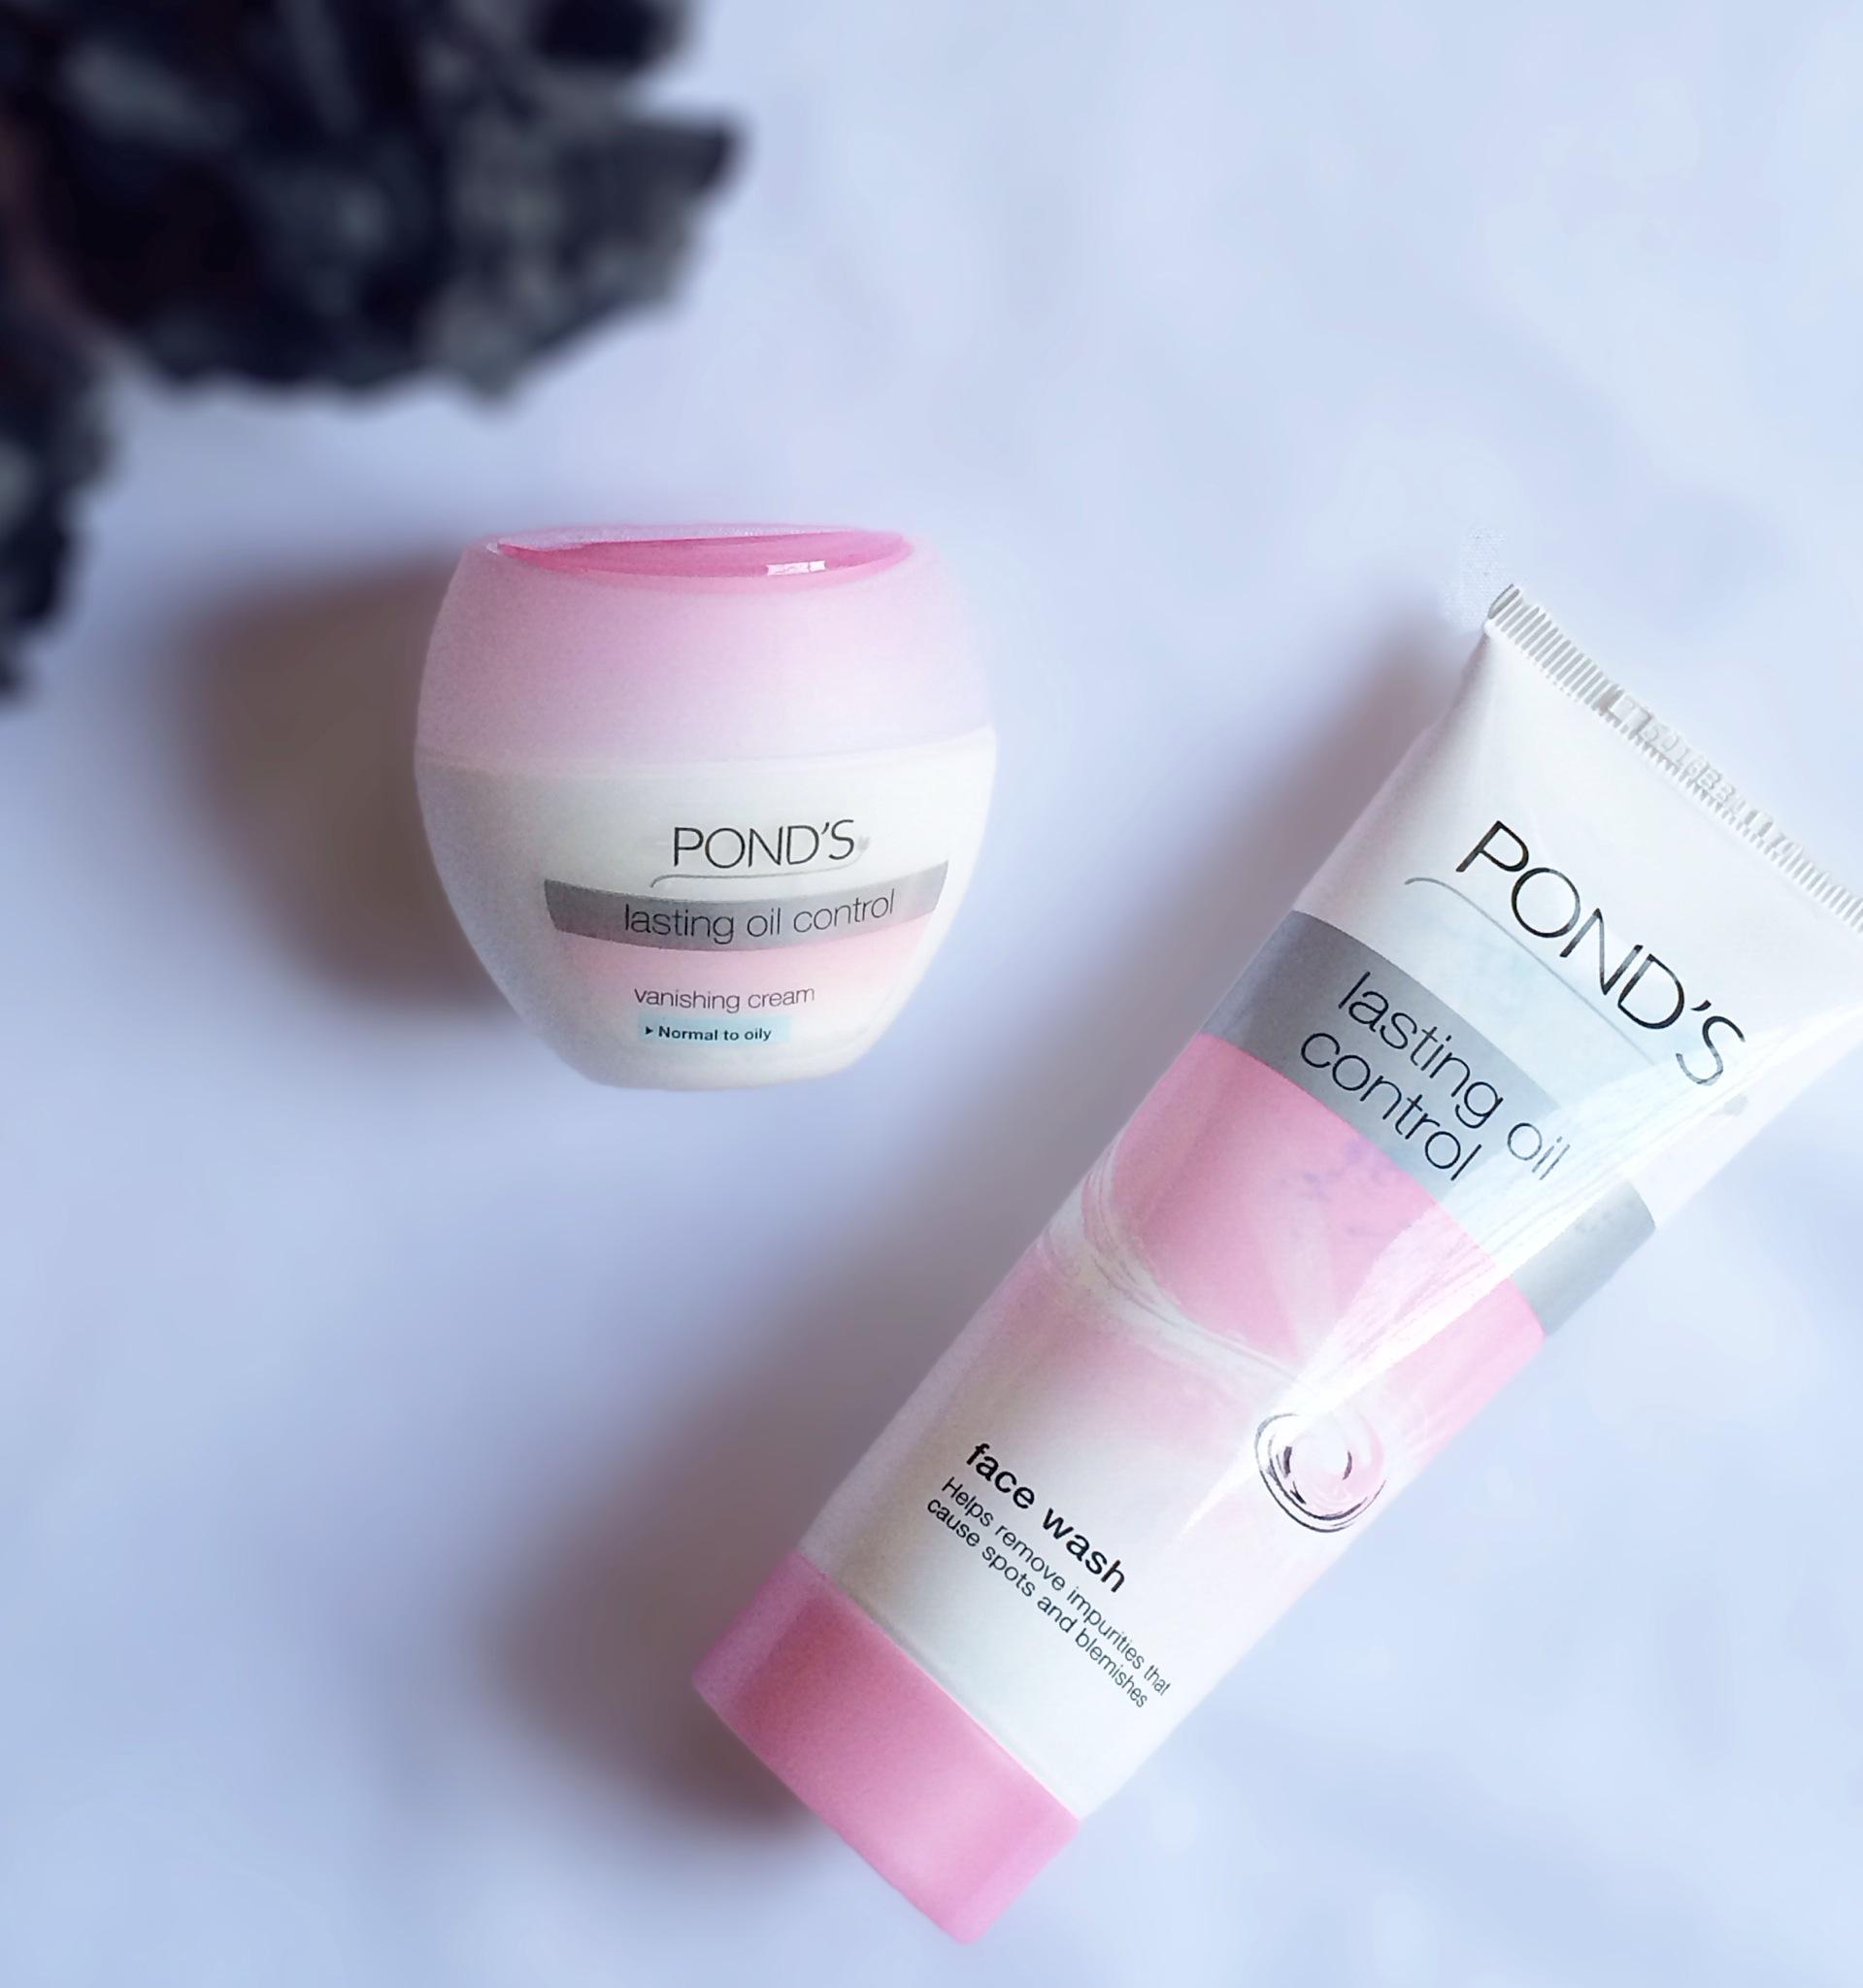 ponds face cream review